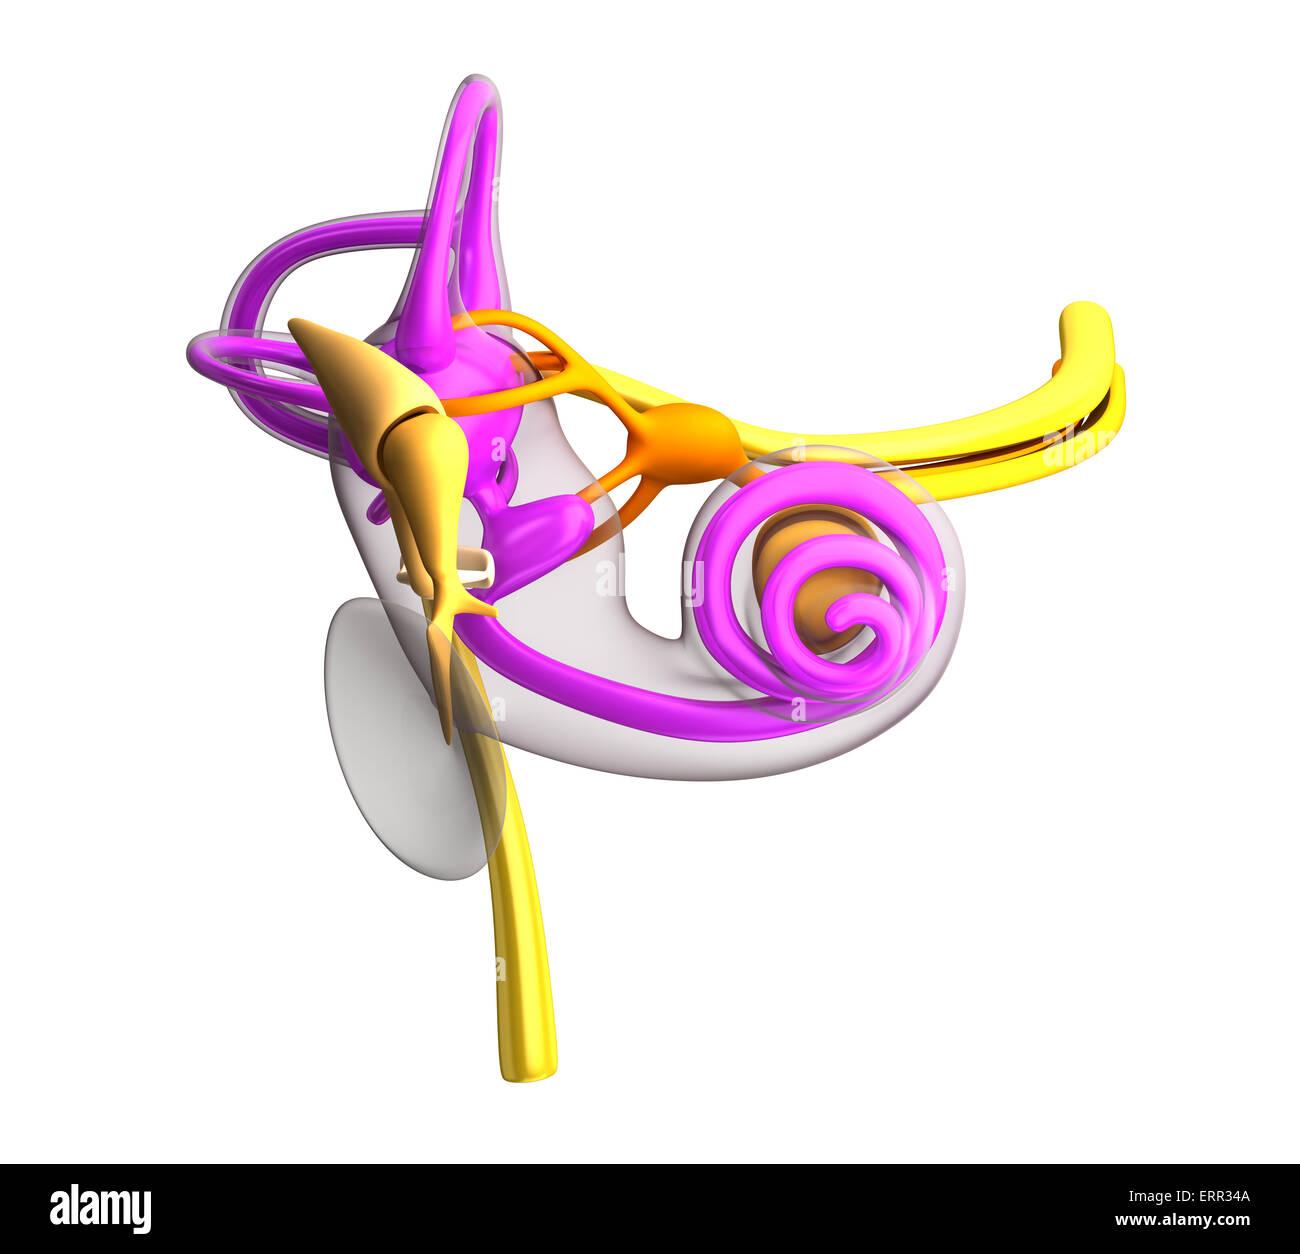 Inner Ear Anatomy Stock Photos & Inner Ear Anatomy Stock Images - Alamy